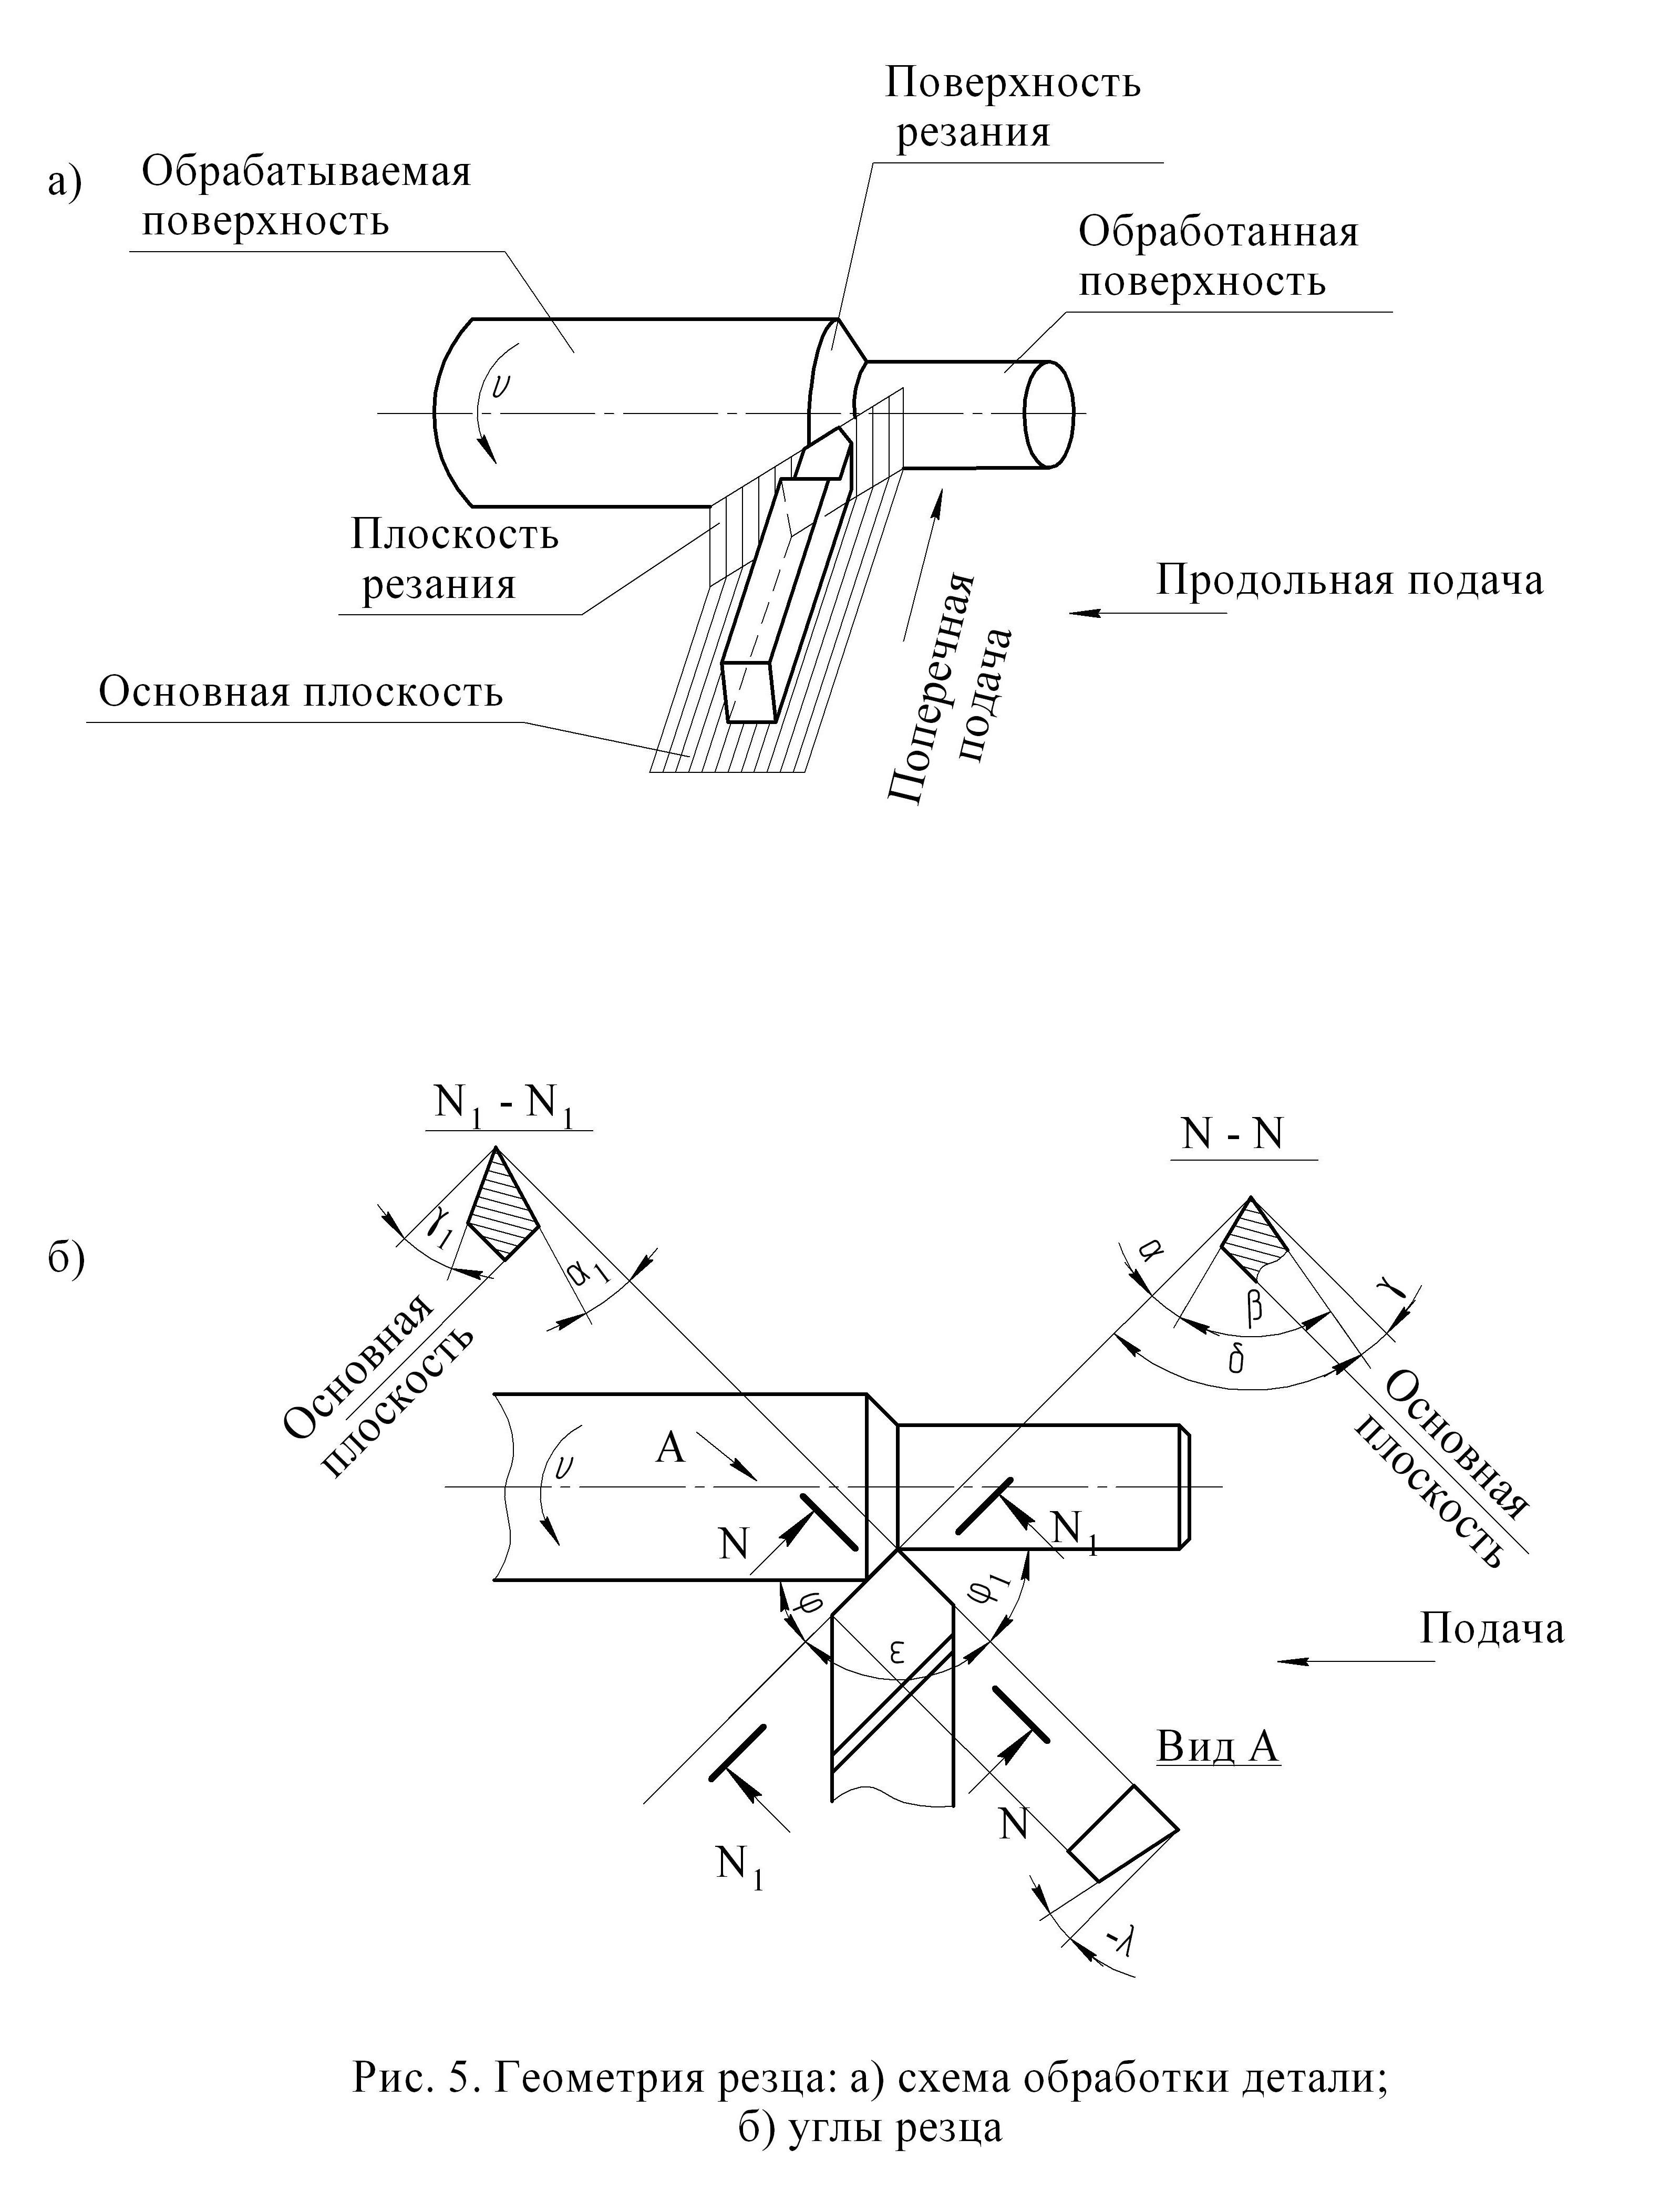 Глава ii. обработка деталей на токарных станках [1968 орнис н.м. - основы механической обработки металлов]